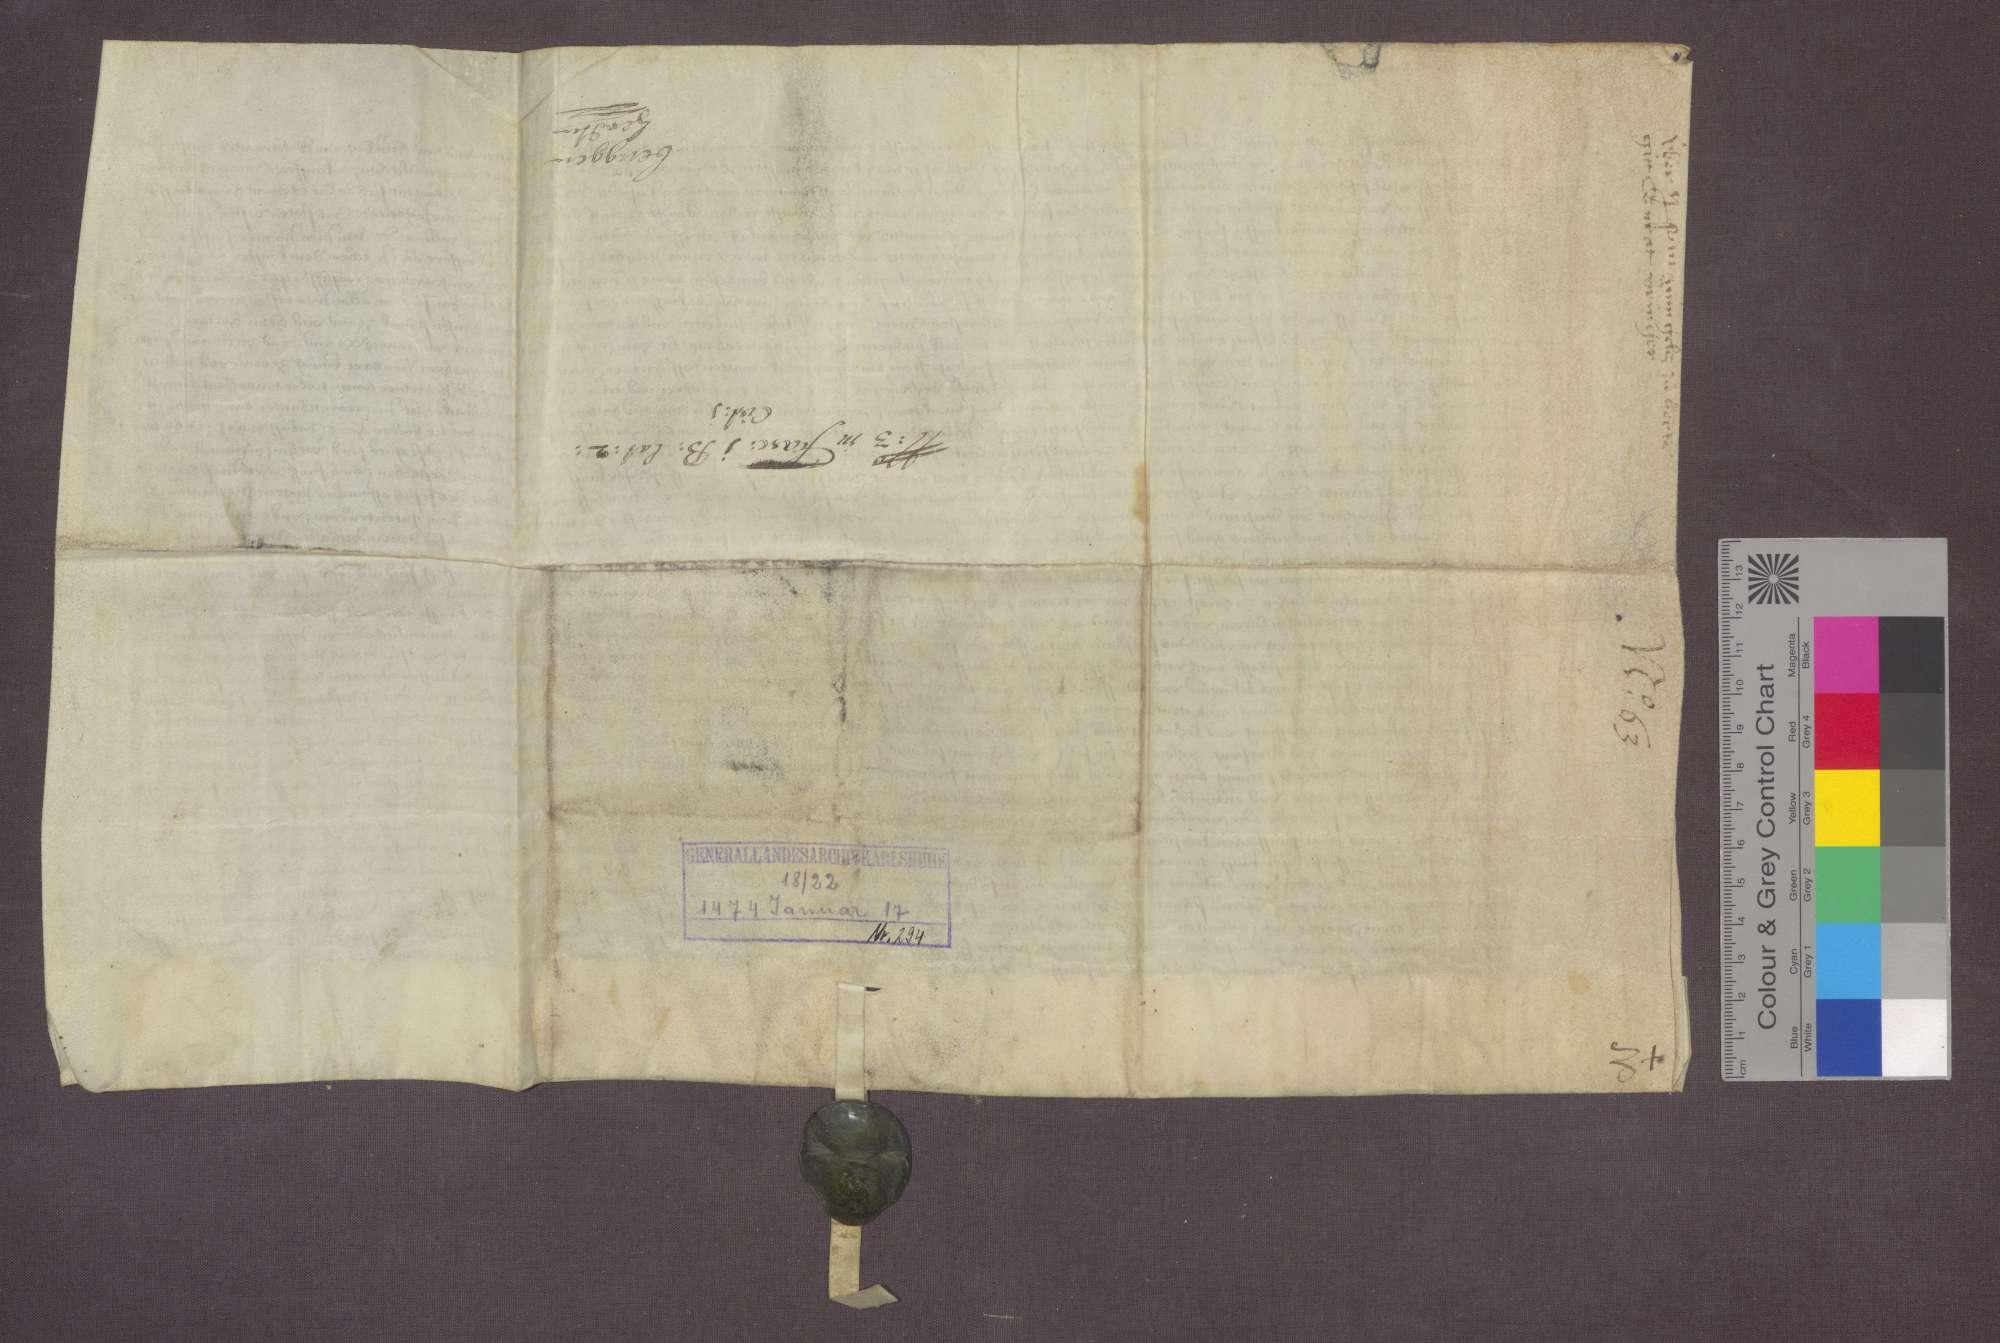 Konrad Veinger,Heinrich von Marth und Peter Baßler zu Herten verkaufen an Ludwig Volmar zu Rheinfelden eine Gült von 1 1/2 Saum Weißwein von Gütern in Herten und Warmbach um 15 Gulden., Bild 2